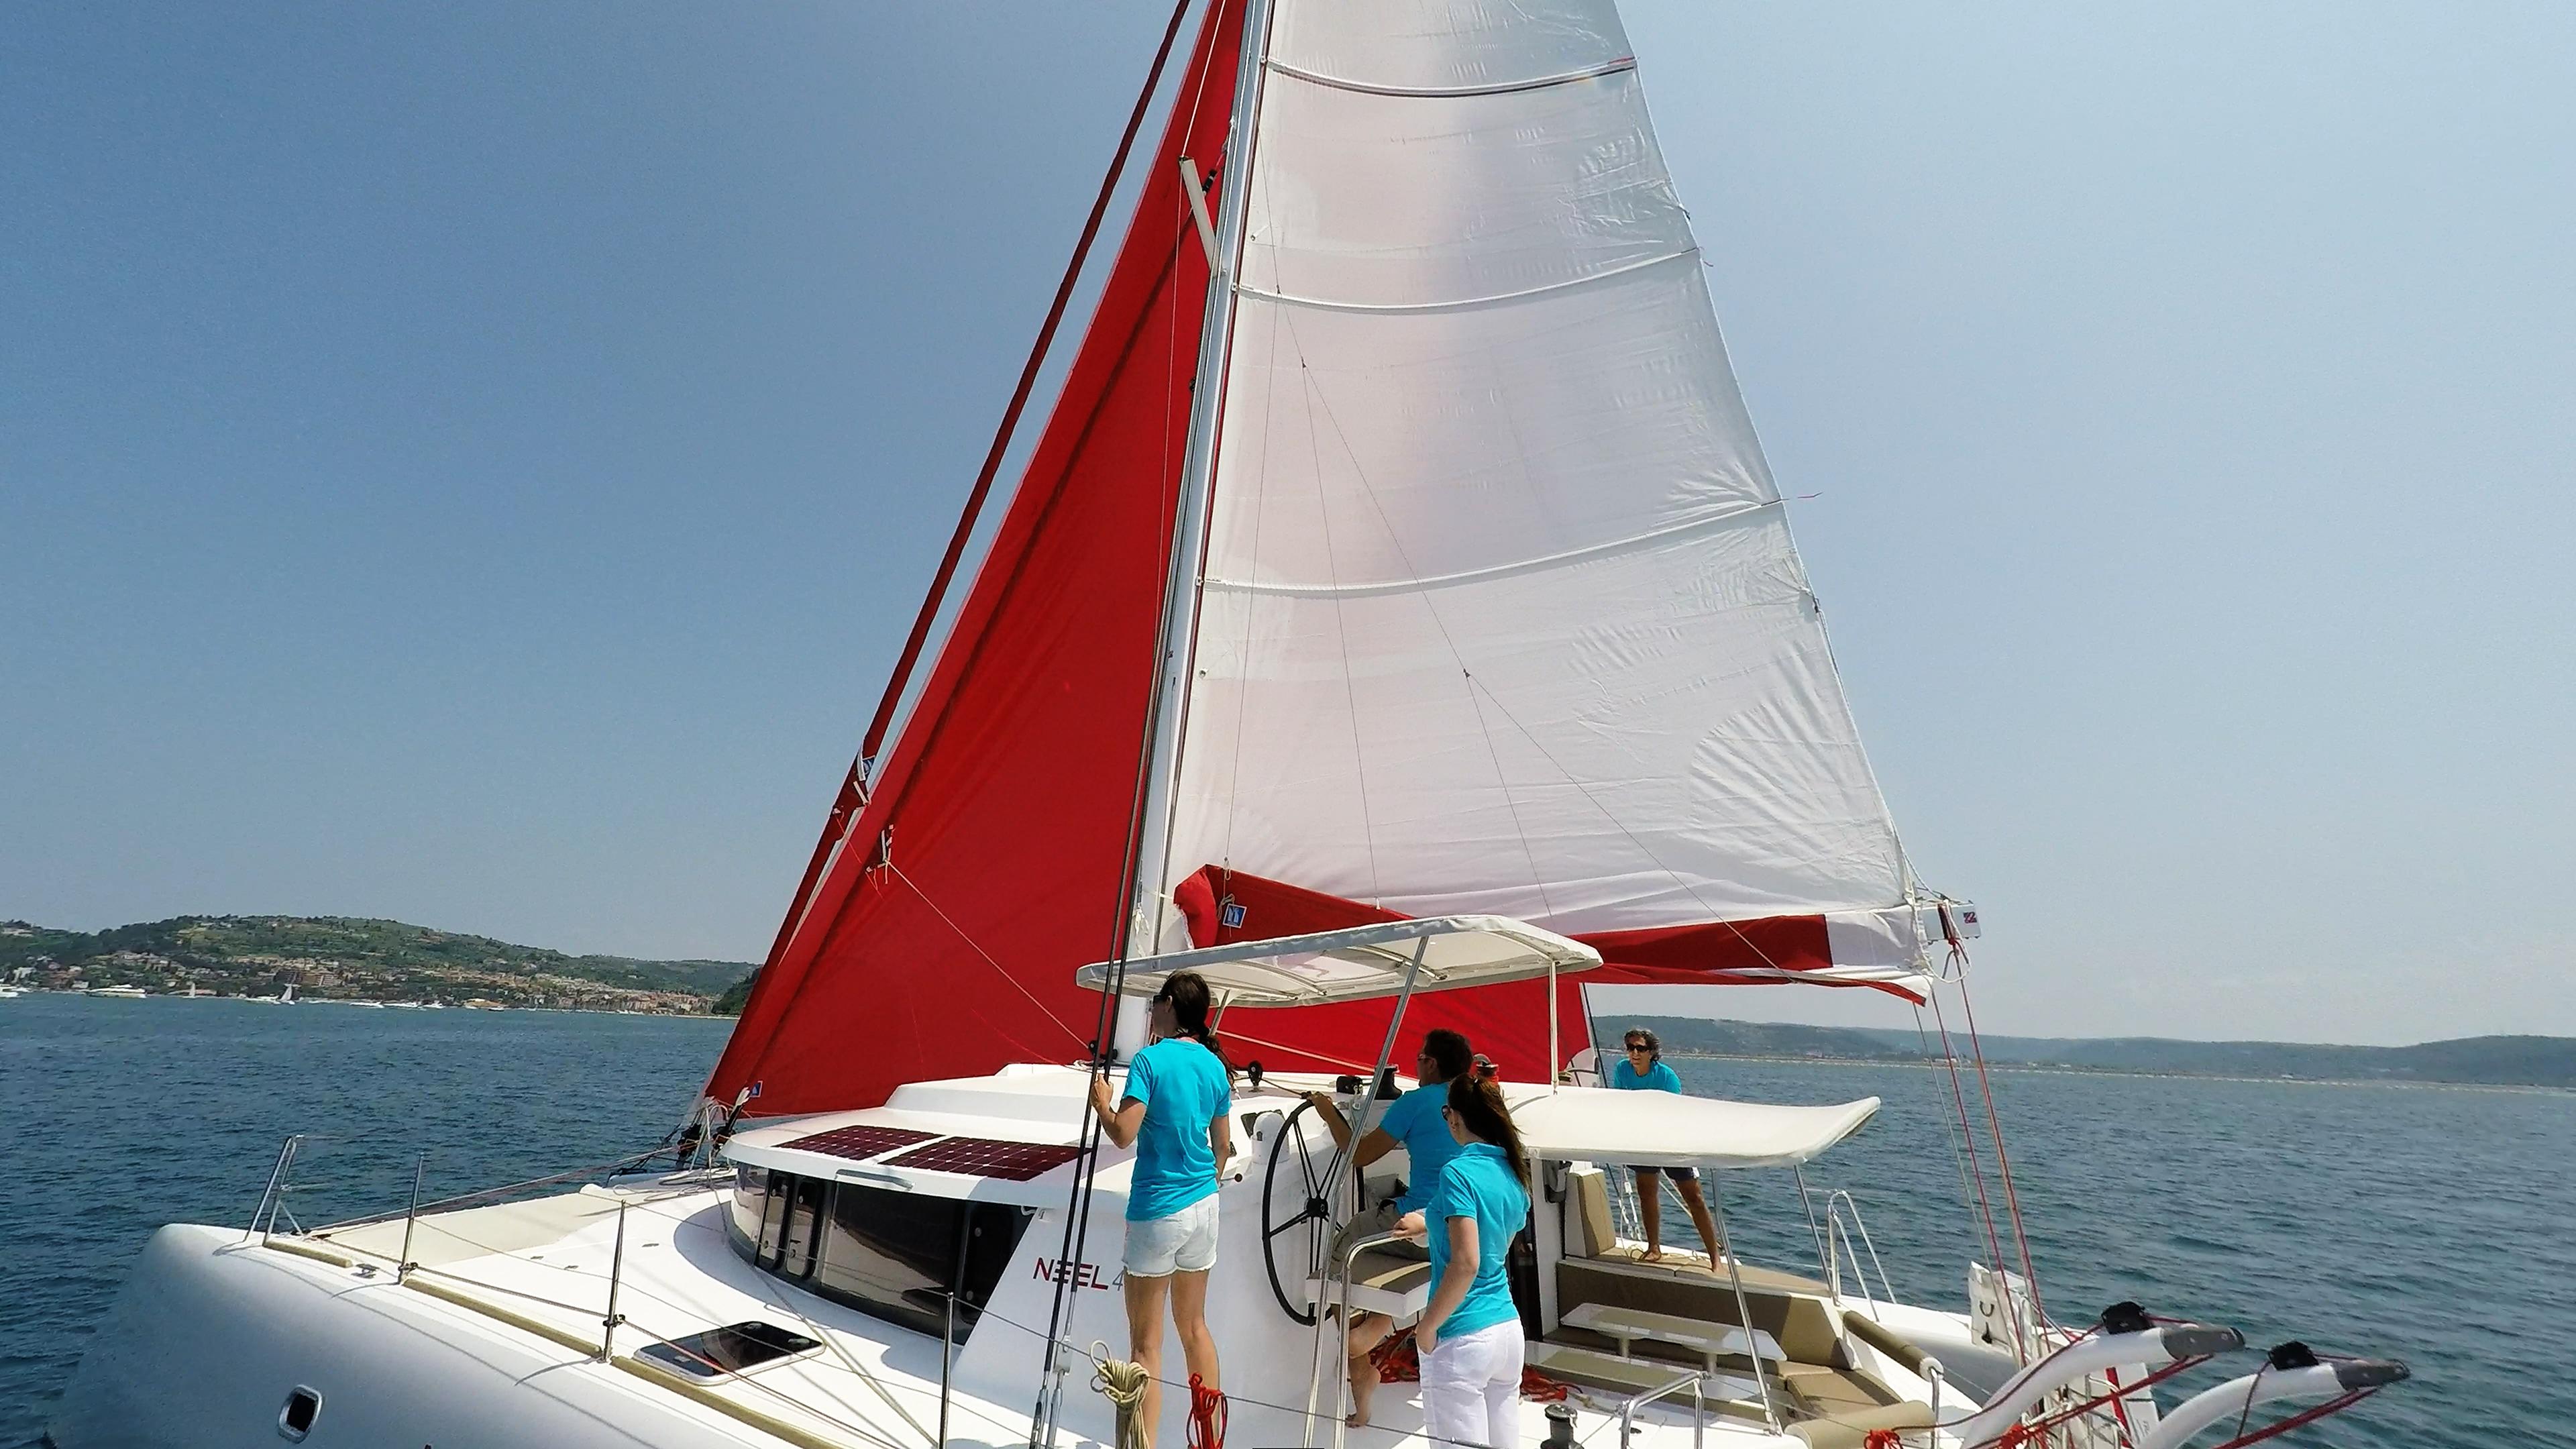 equipaggio sul coperta di multiscafo yacht naviga a vela